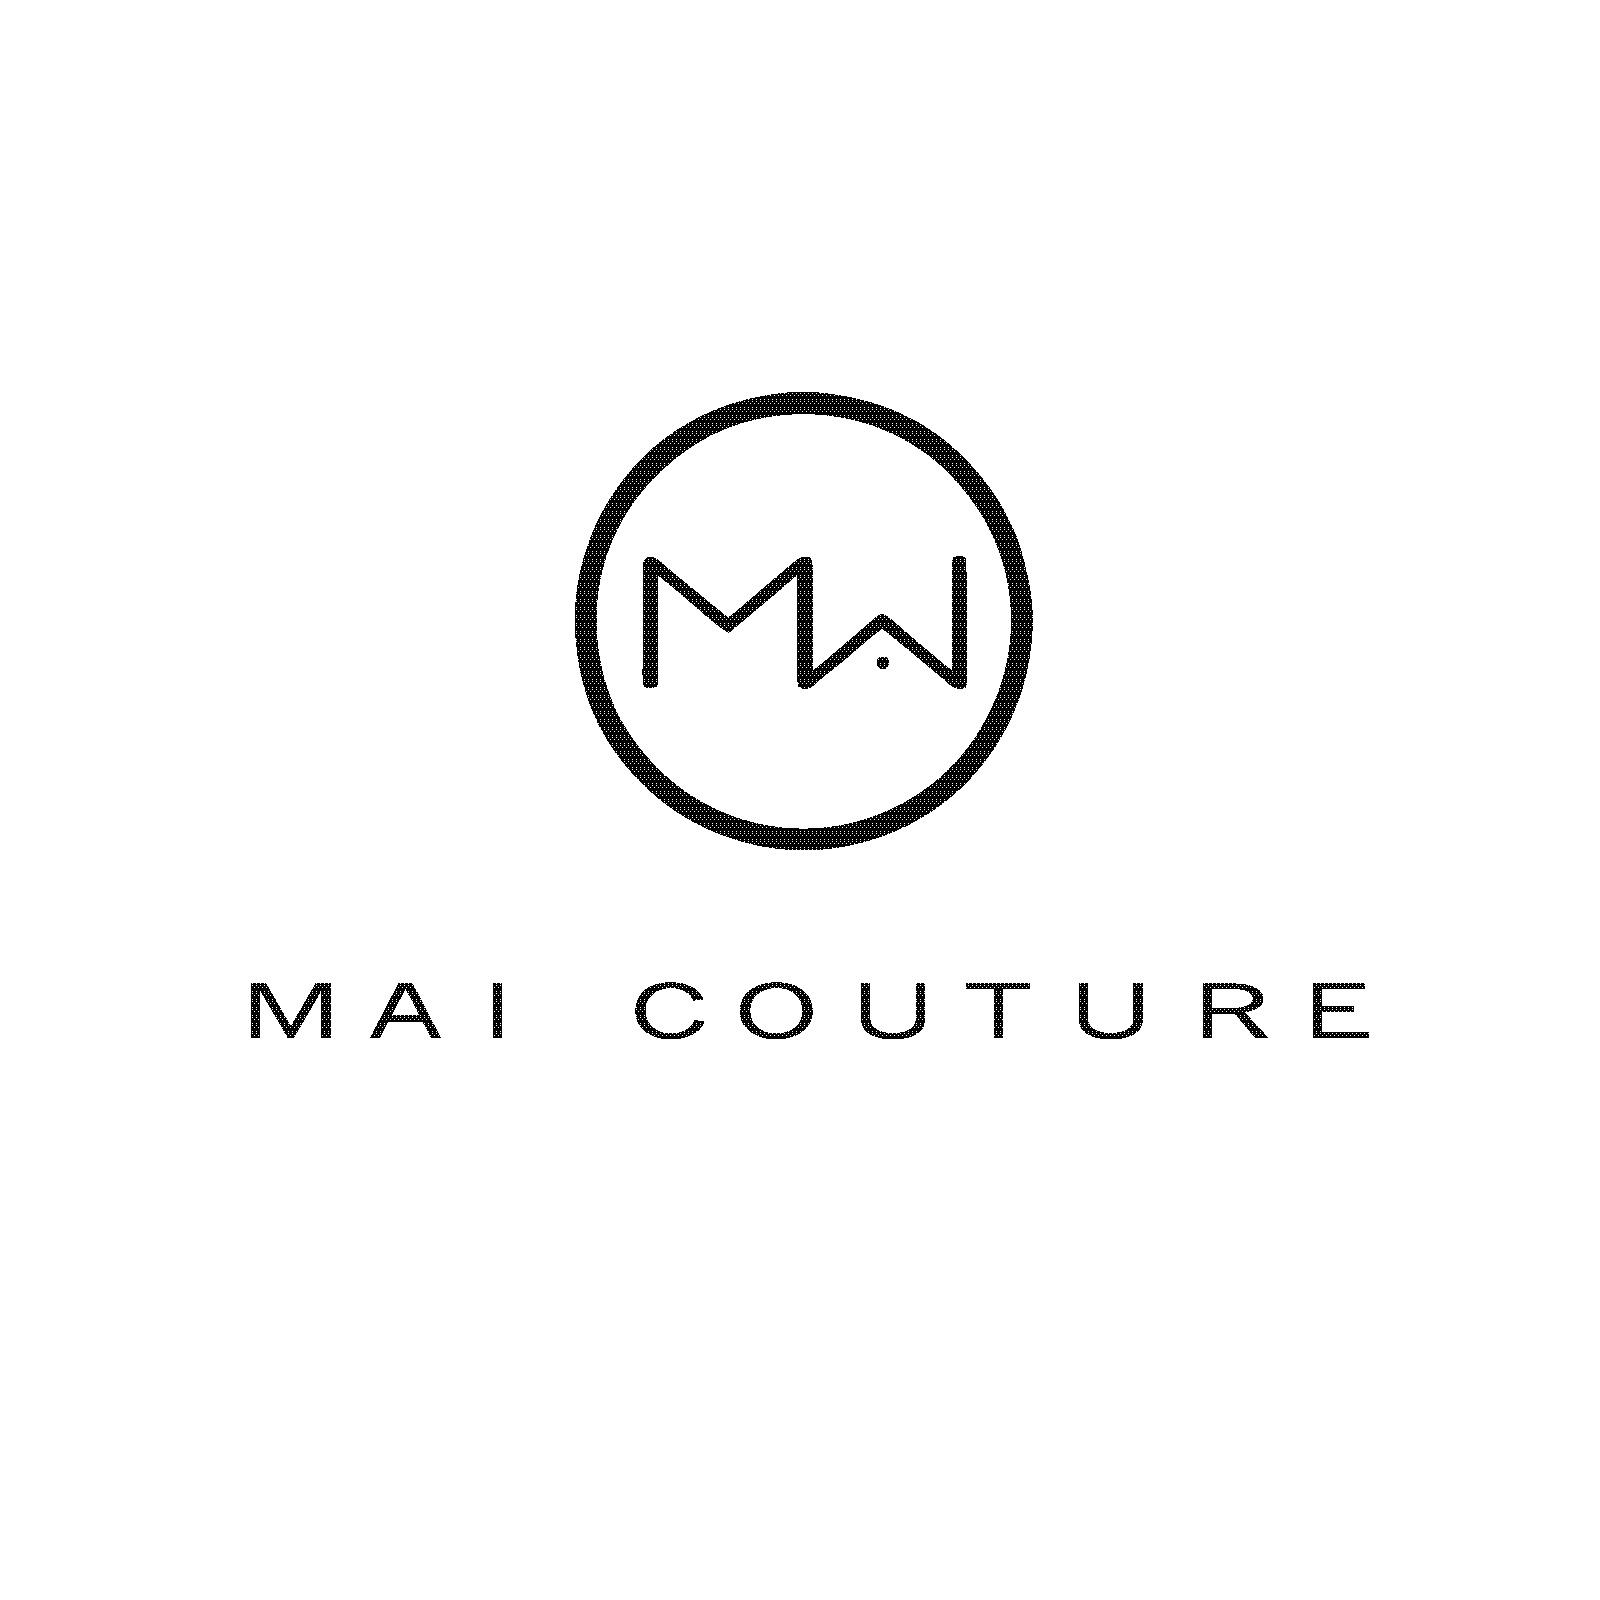 Mai Couture's logo